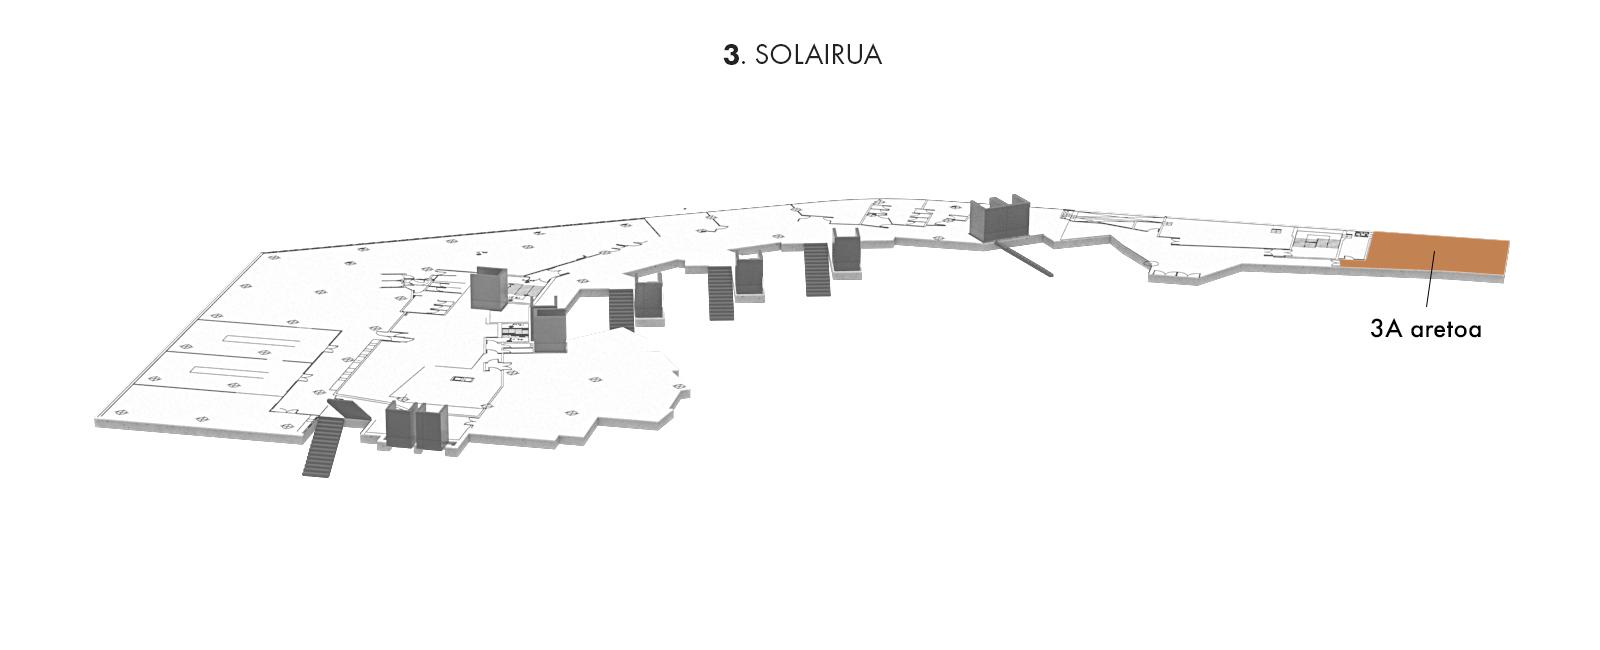 3A aretoa, 3. solairua | Palacio Euskalduna Jauregia